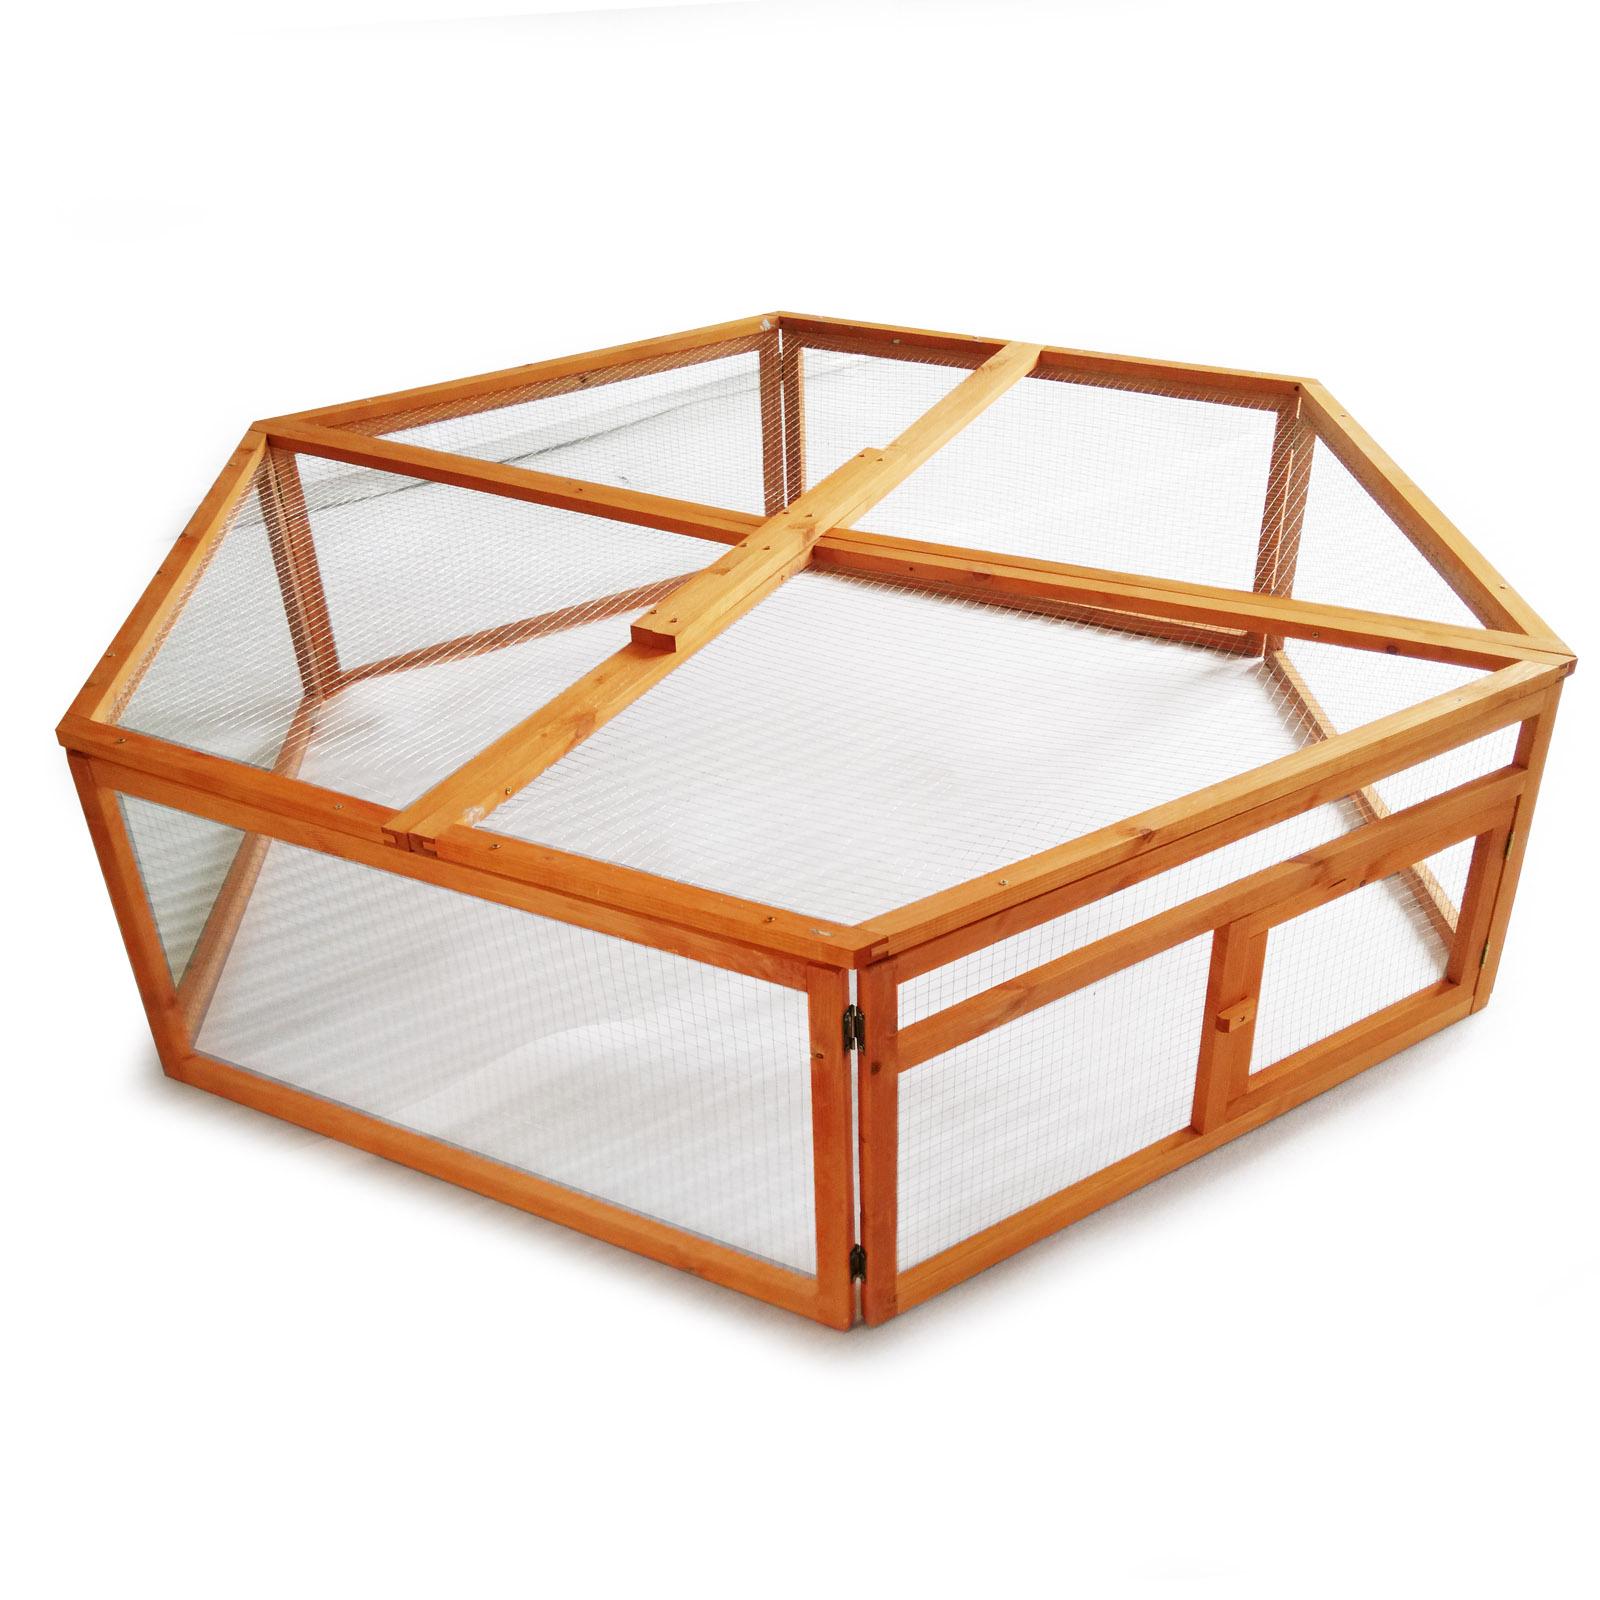 h hnerhaus h hnerstall freilauf holz kleintierstall stall freigehege gehege ebay. Black Bedroom Furniture Sets. Home Design Ideas